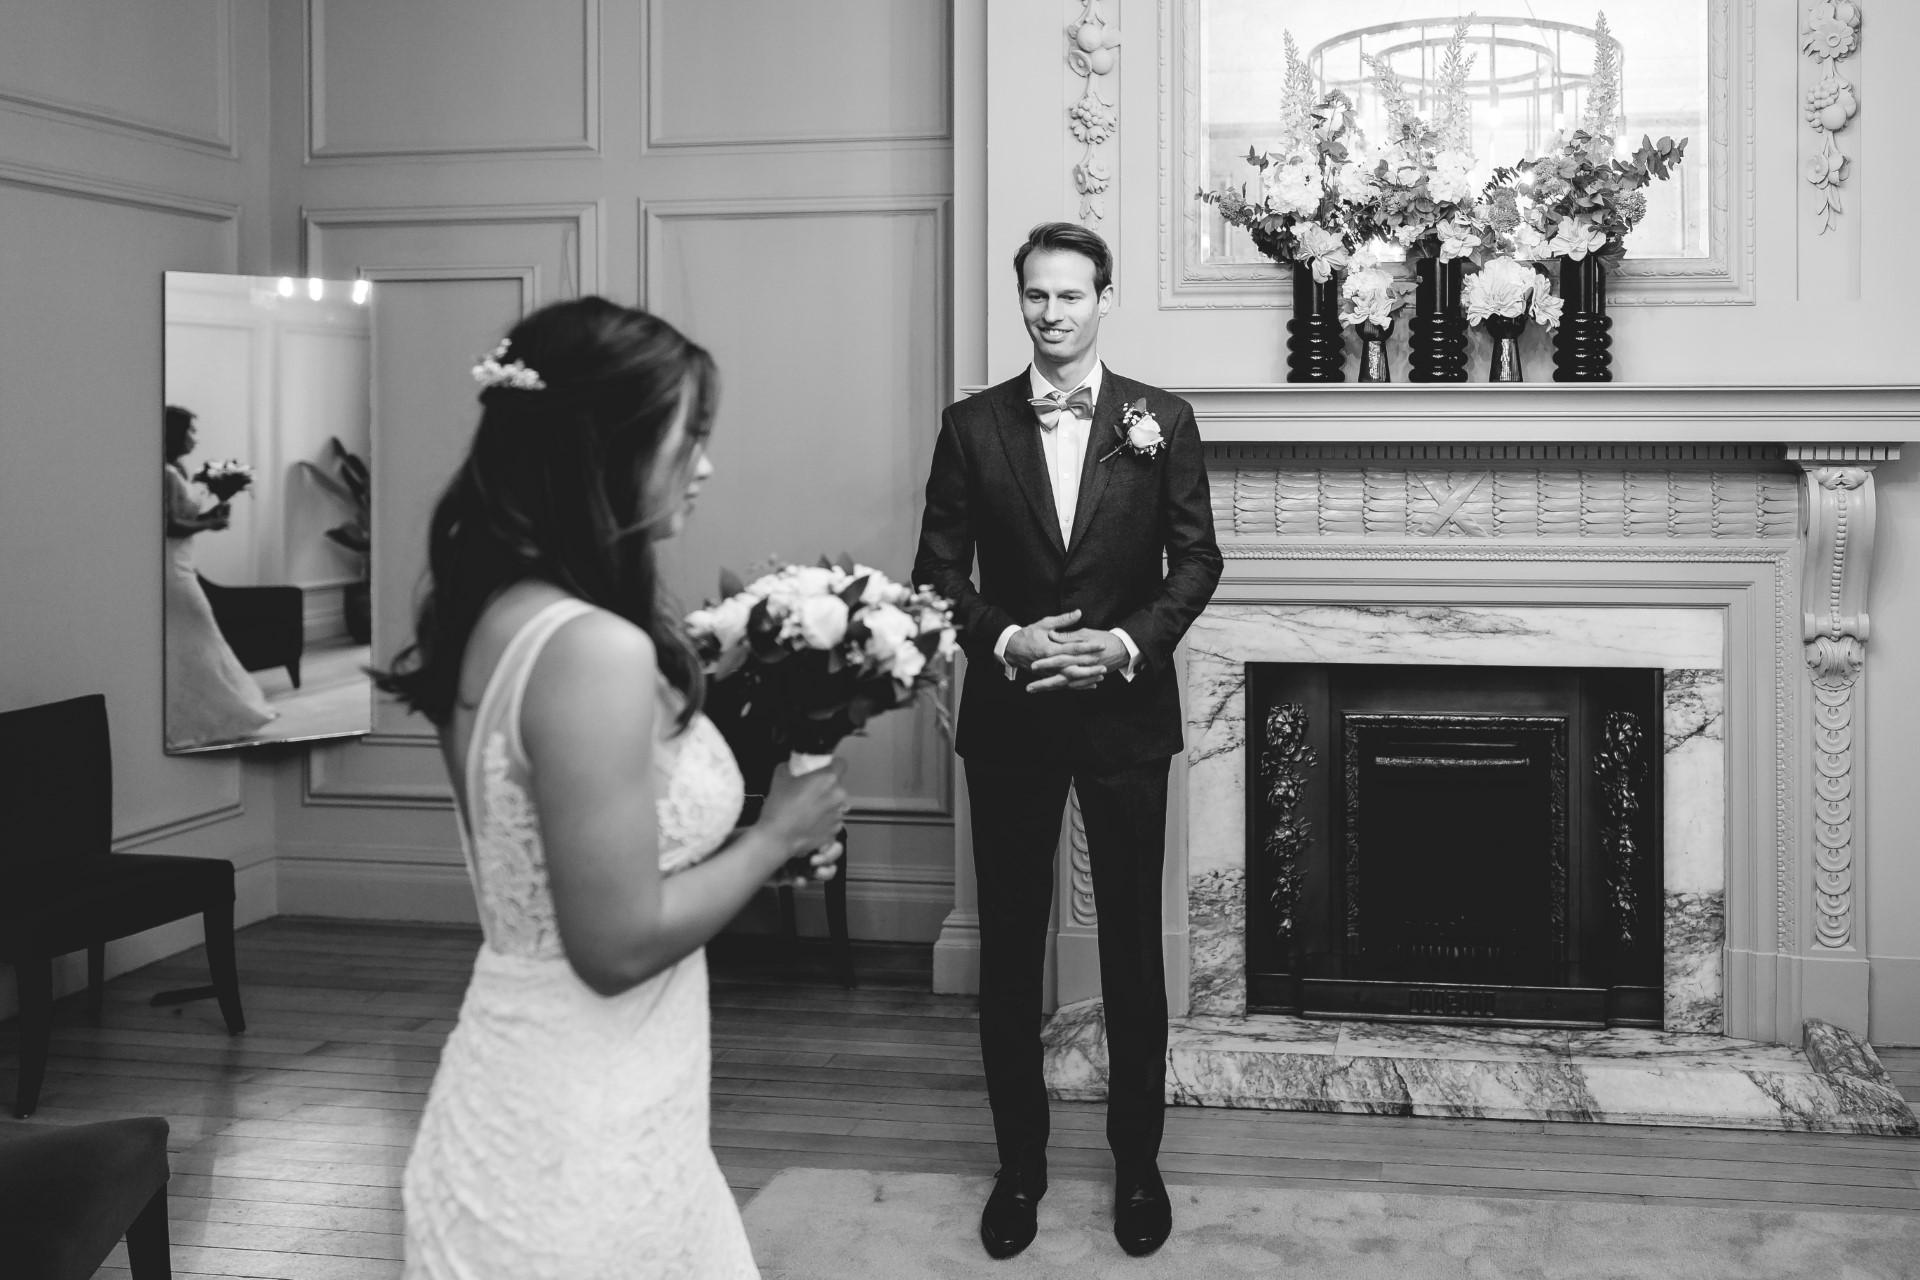 Photographe de mariage Old Marylebone Town Hall | Le marié est très heureux lorsque sa mariée entre